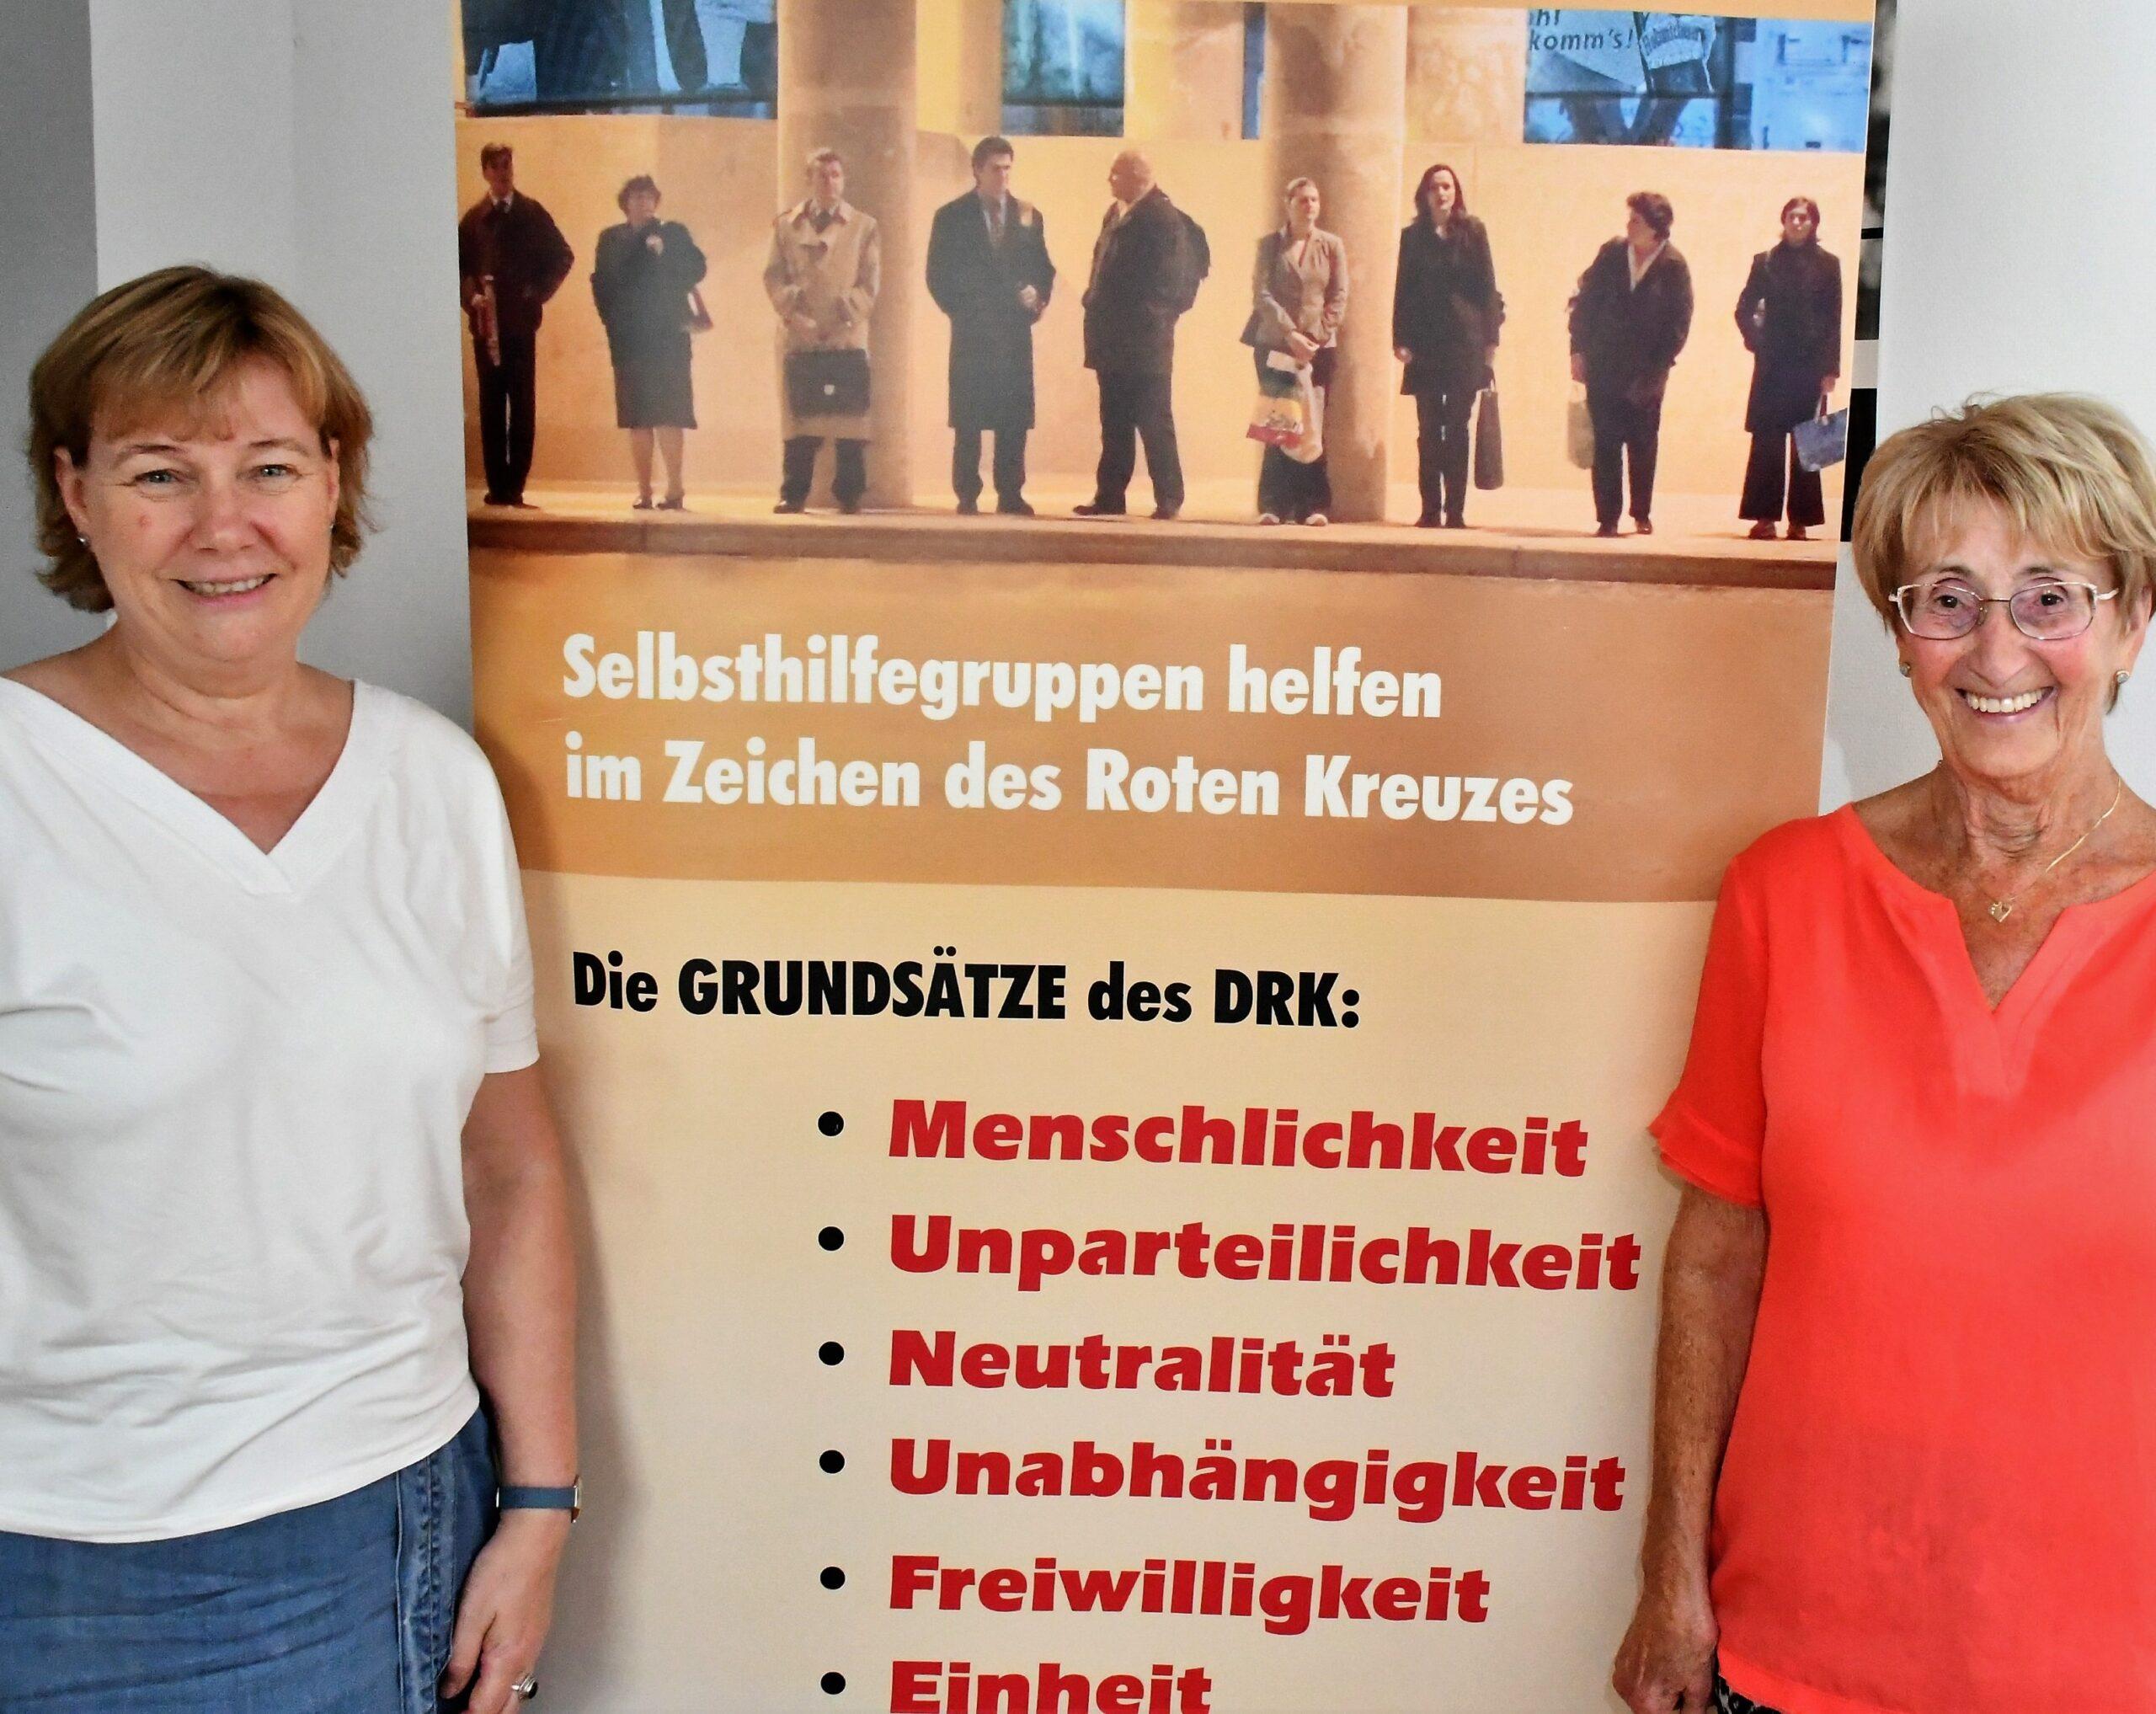 Sozialpädagogin Sonja Braun-Resch (links) und Gruppenleiterin Friedel Weyrauch freuen sich über die neue Kooperation. Foto: DRK Odenwaldkreis